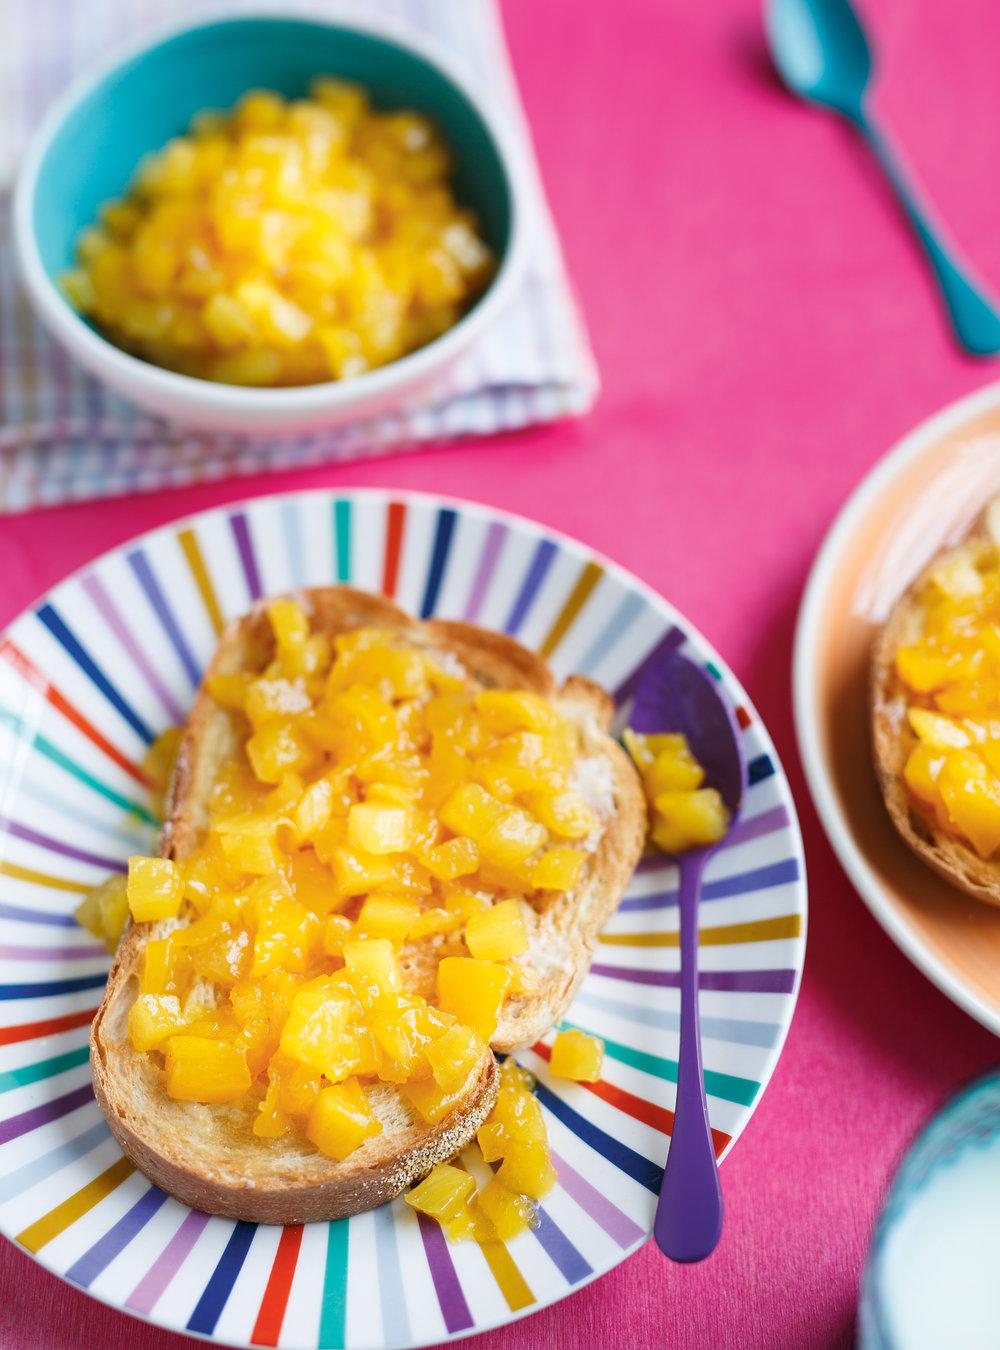 Confiture rapido mangue-ananas | ricardo